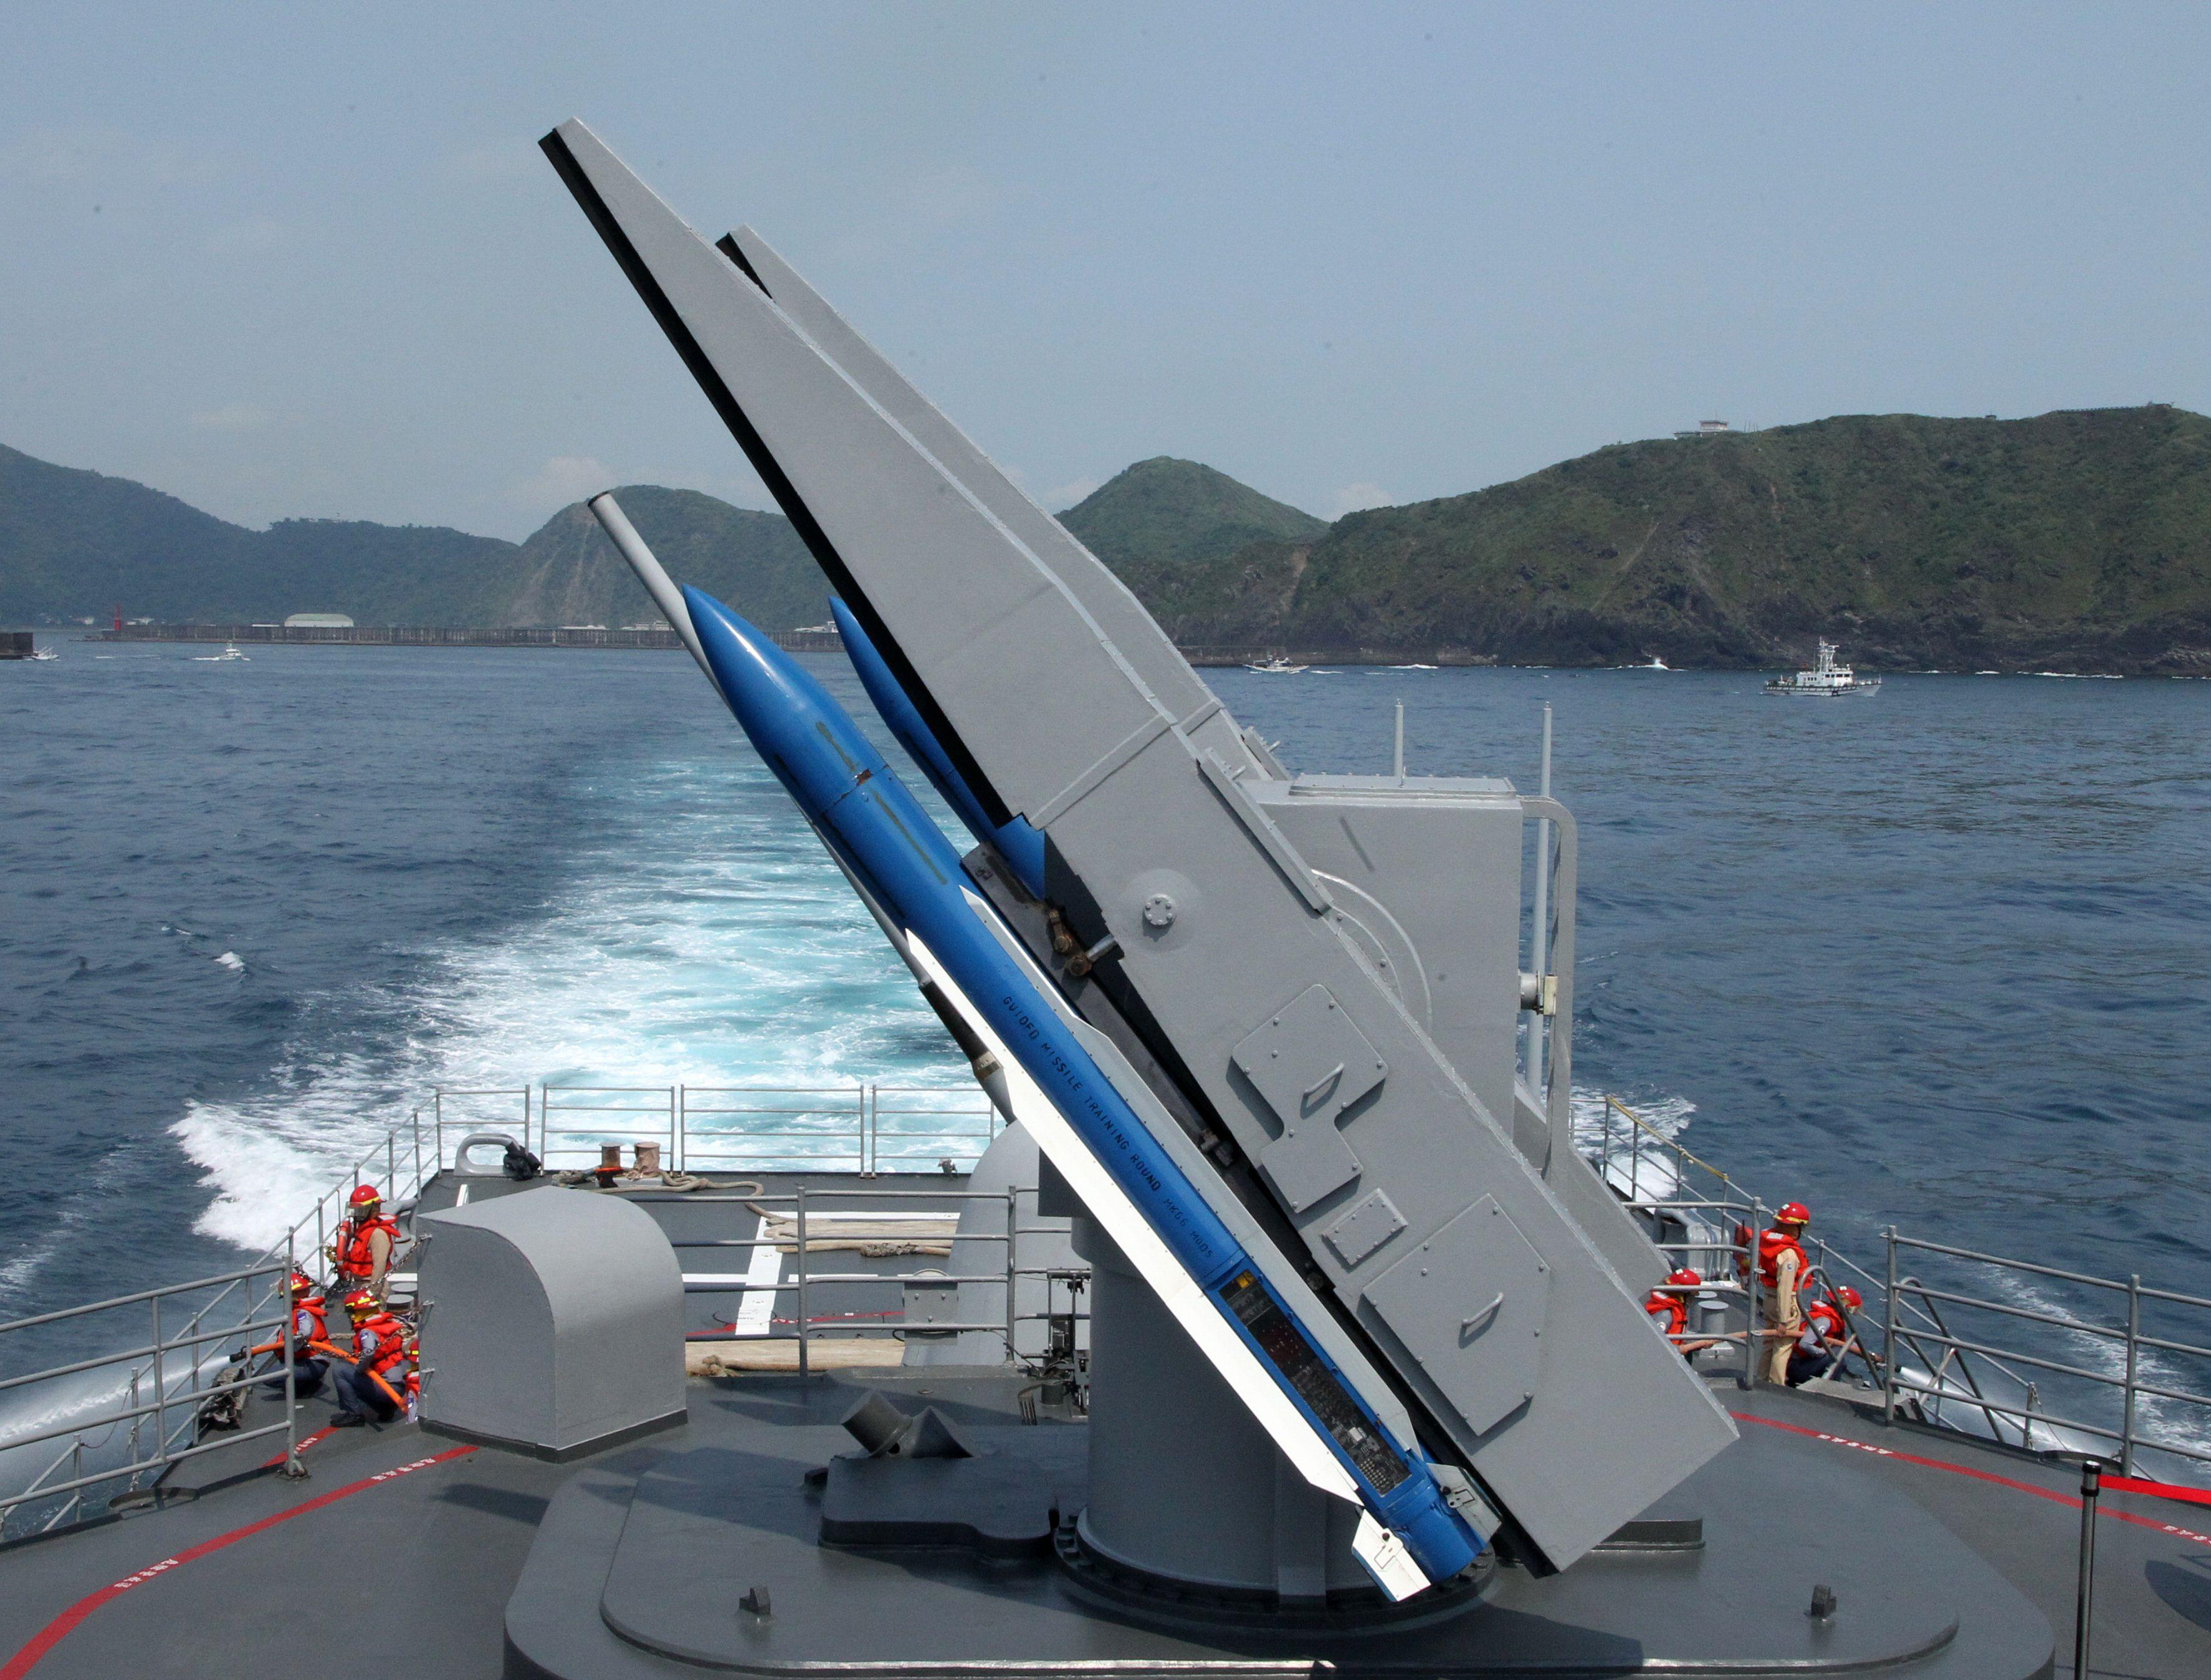 主戰艦實施標二防空飛彈攻擊。(記者邱榮吉/蘇澳拍攝)